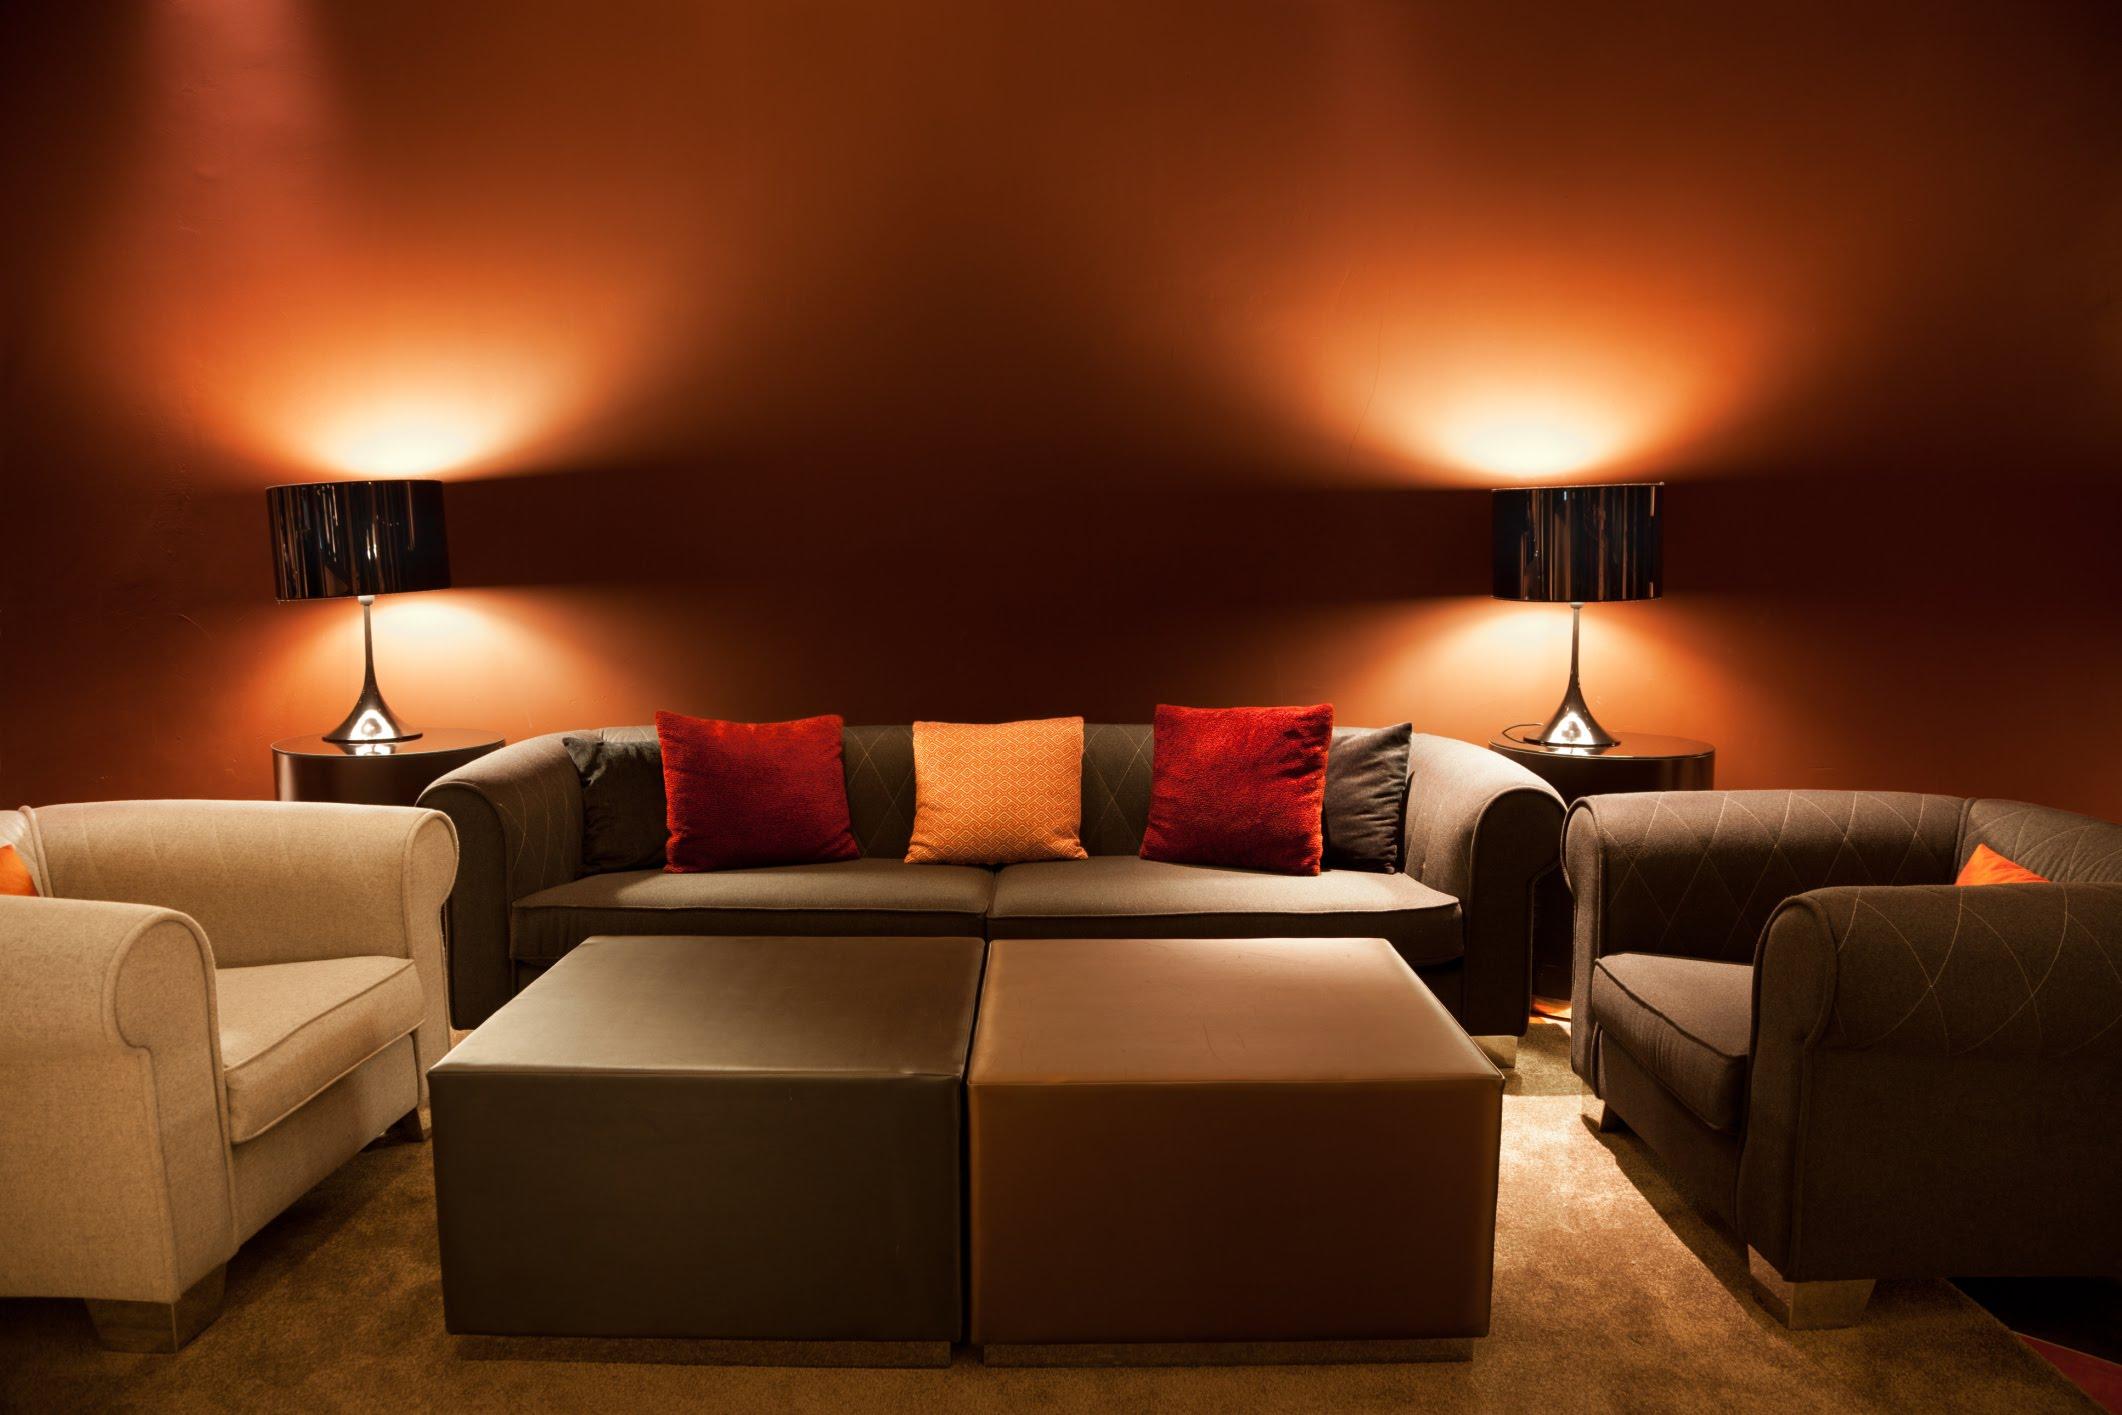 home lighting design ideas - youtube MMNYJPI